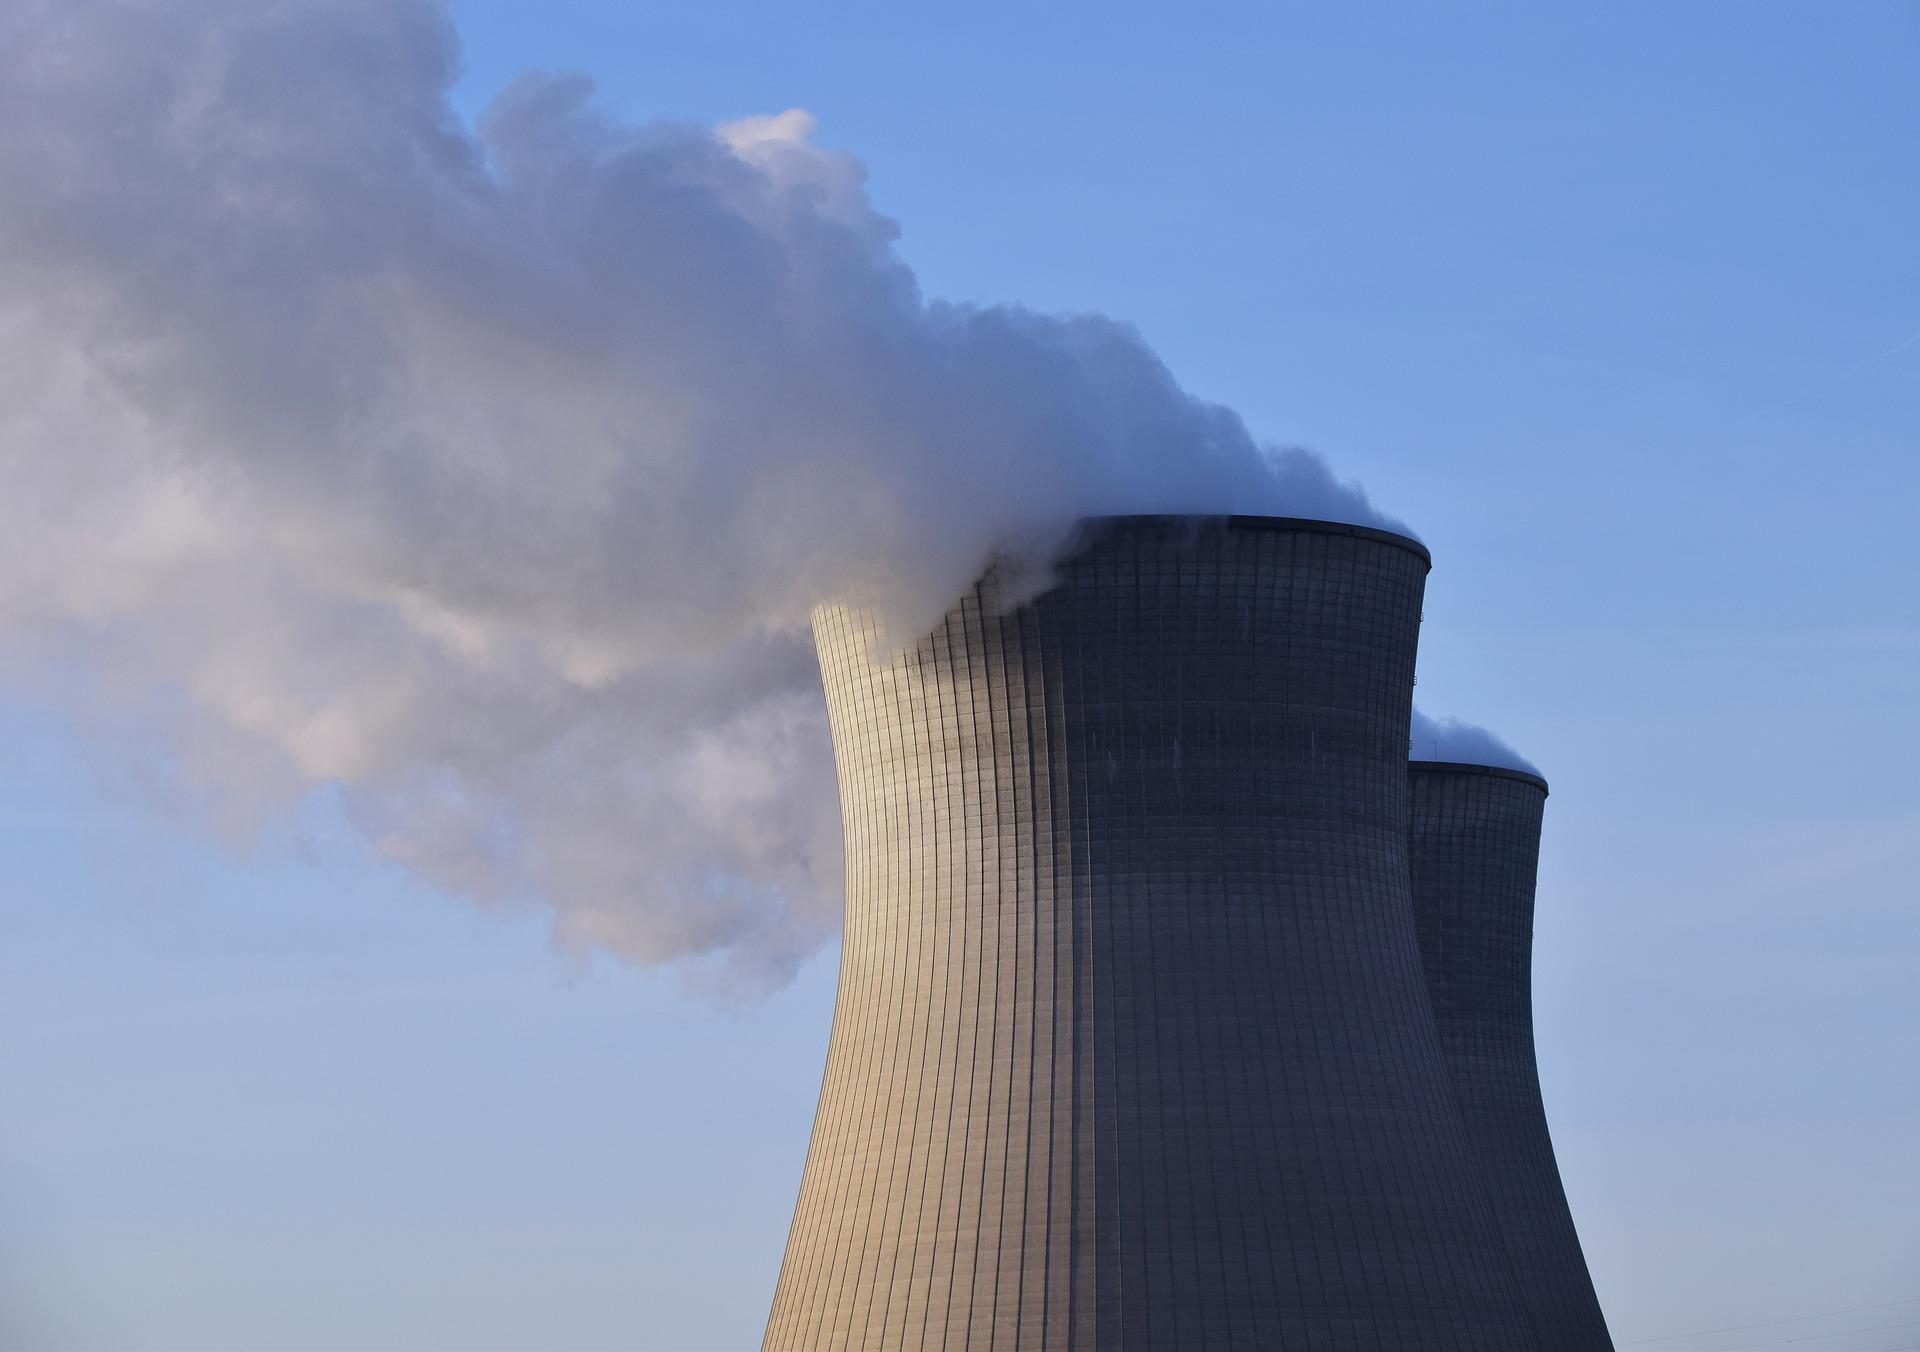 Reststrommengen für Kernkraftwerke